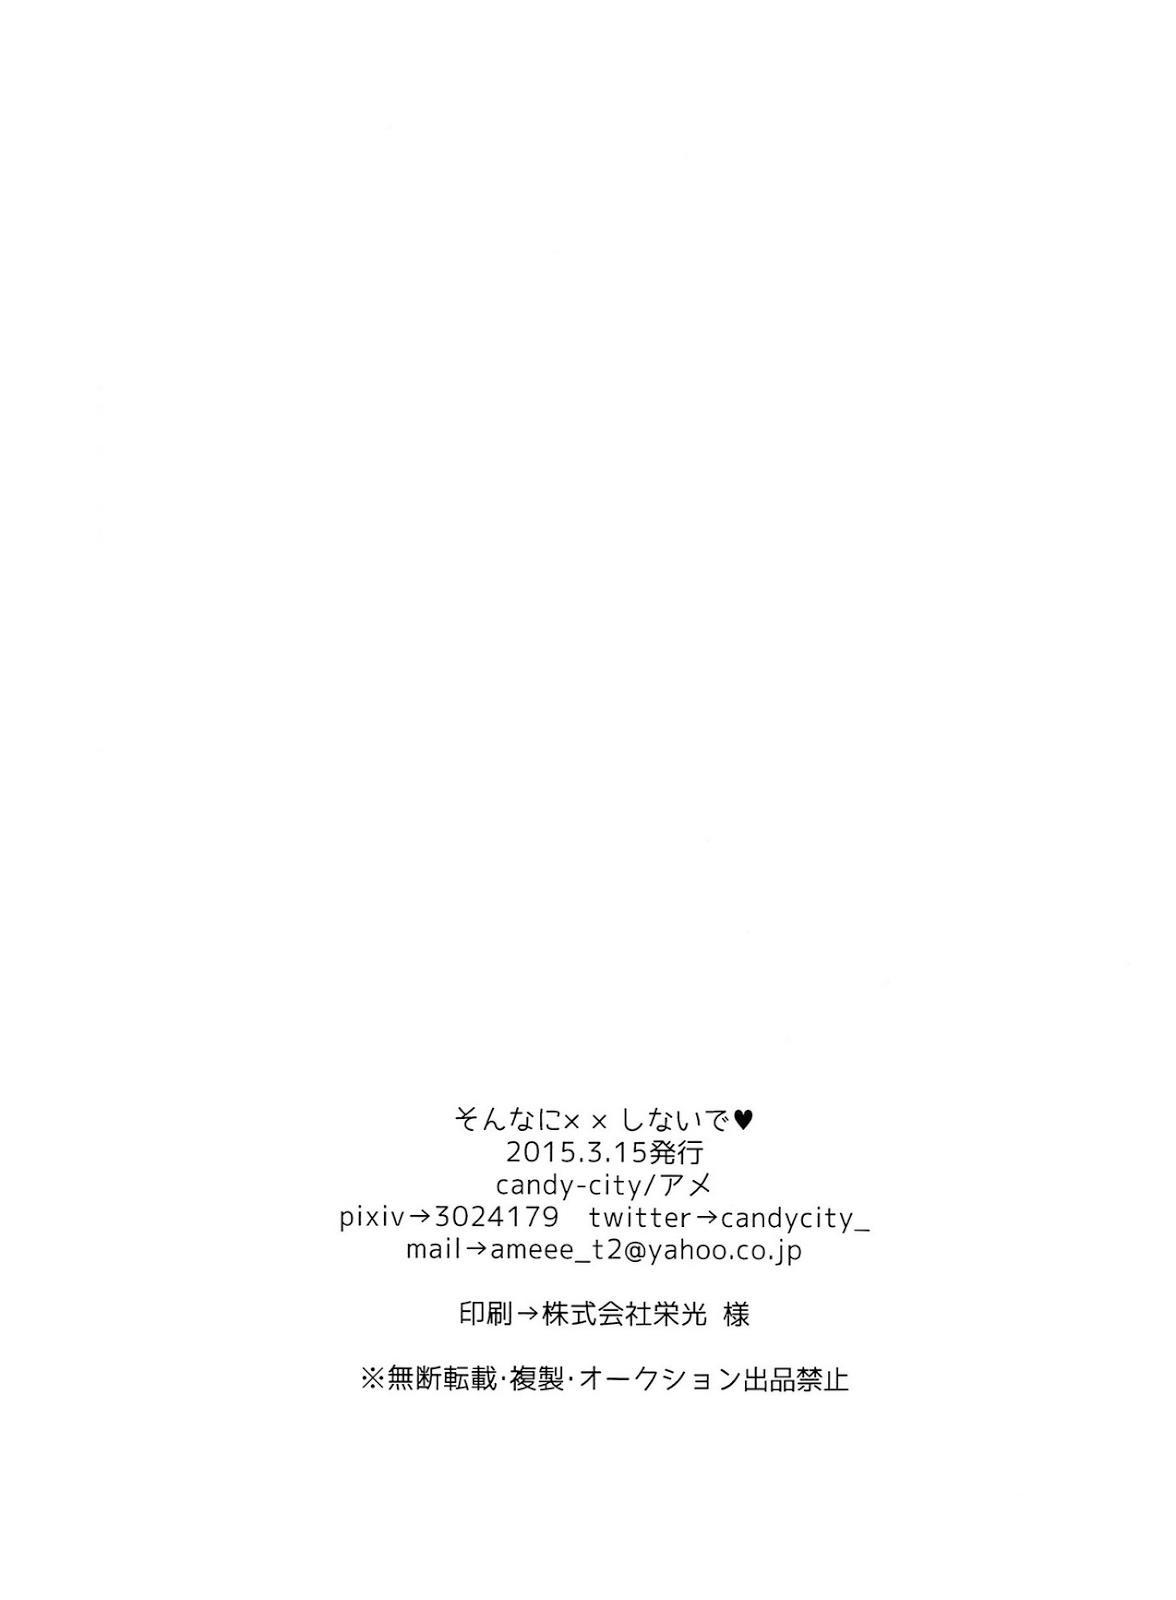 Sonnani XX Shinaide | Don't XX So Much 20